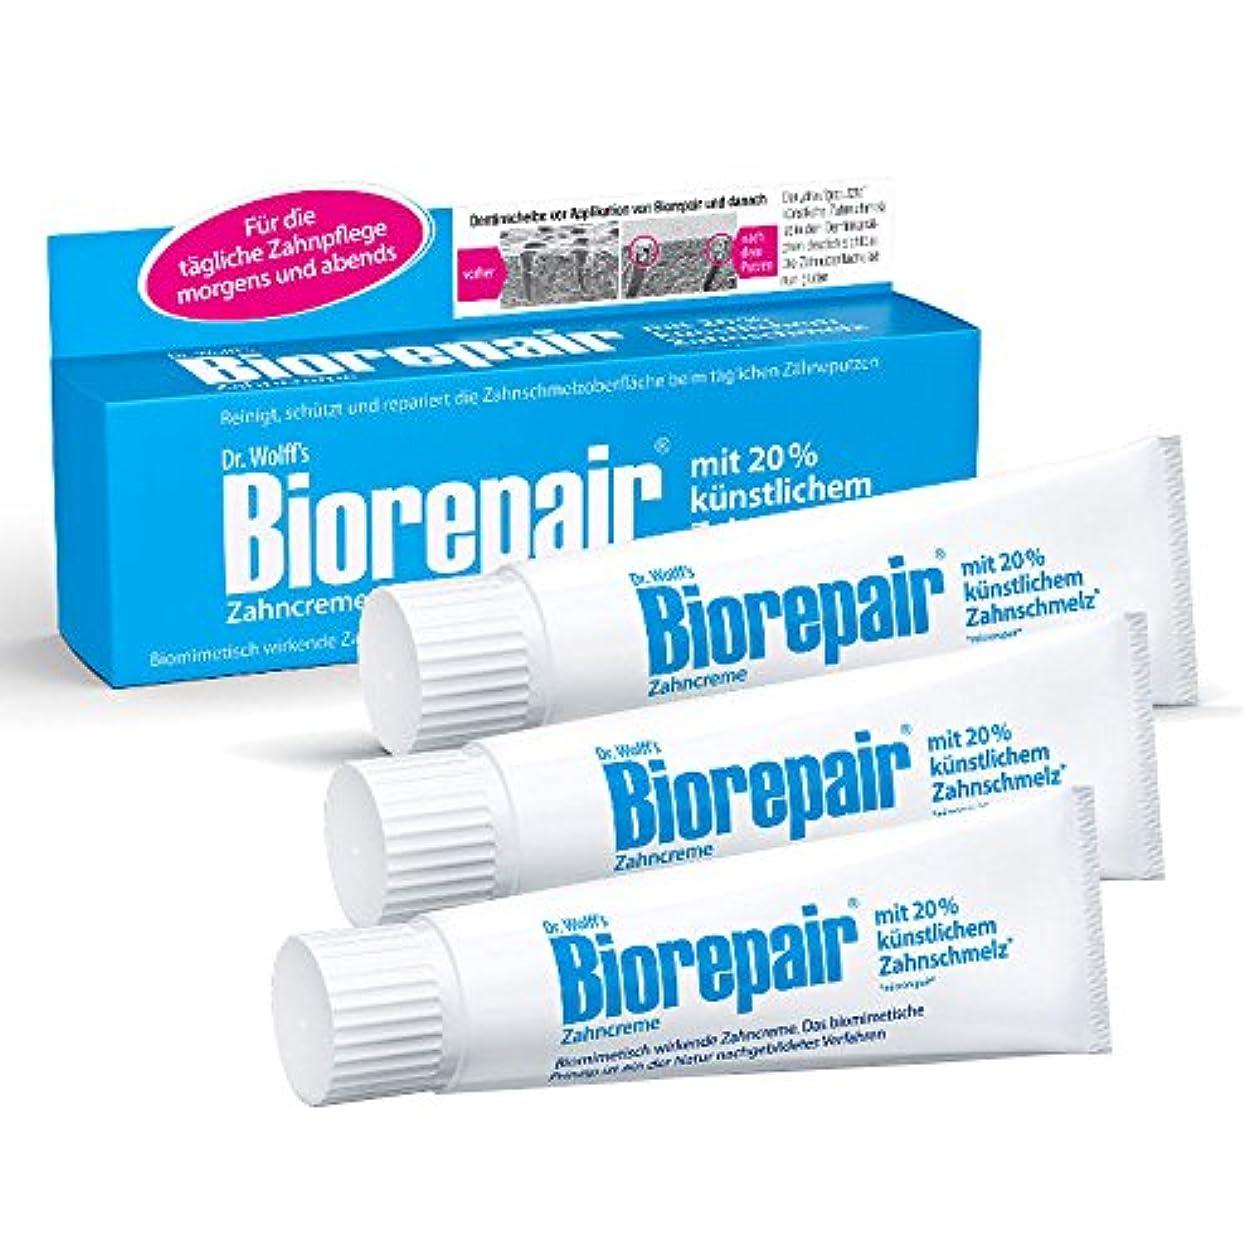 討論ヘクタール相談Biorepair 歯磨き粉オリジナル、75ml 歯の保護 耐摩耗性 x 3 [並行輸入品]